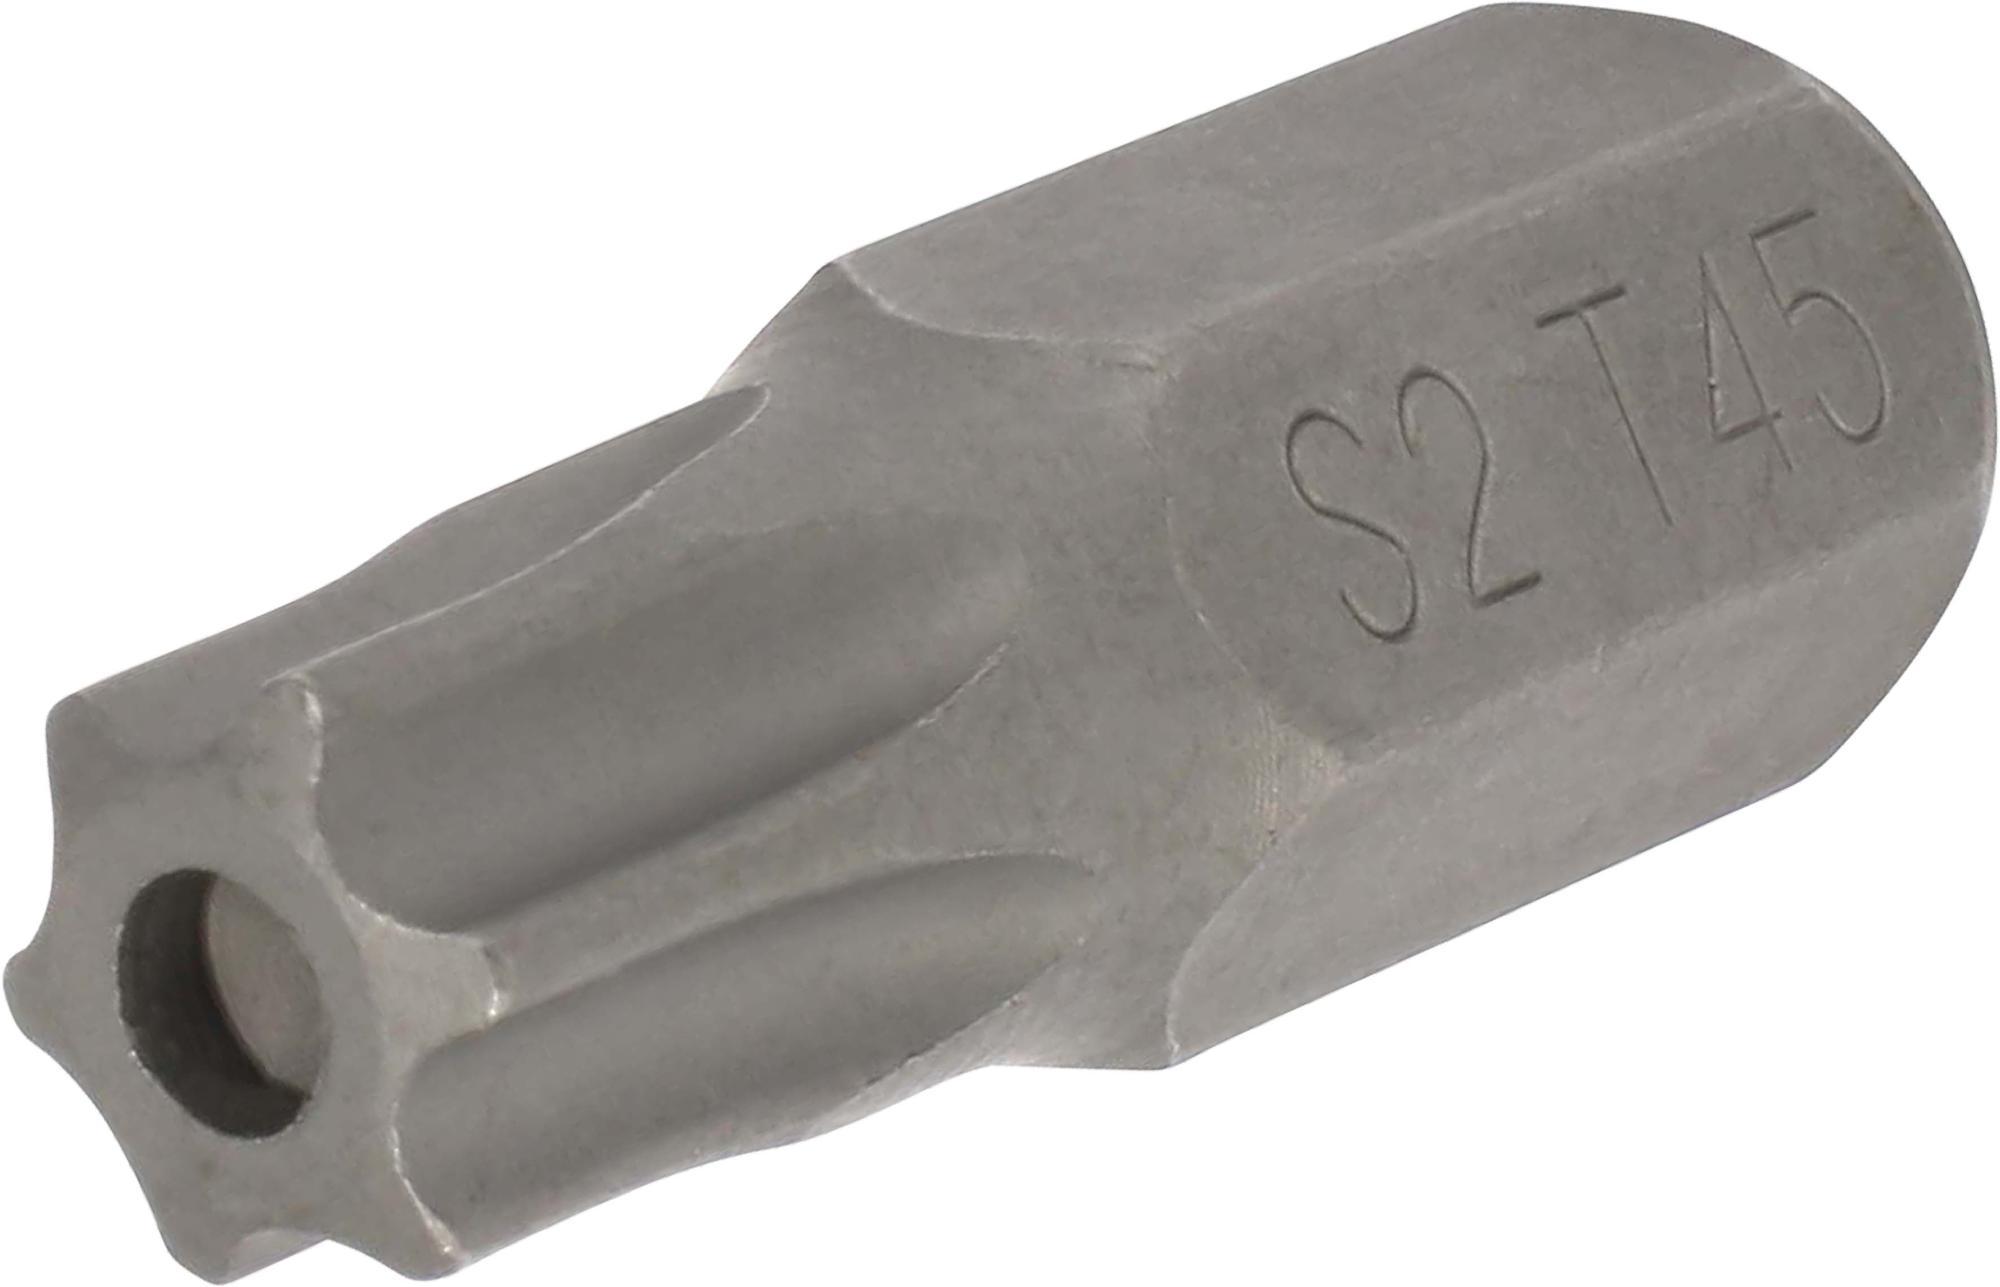 Bit, 10 mm 6-hran, TORX SLB T45x30 mm